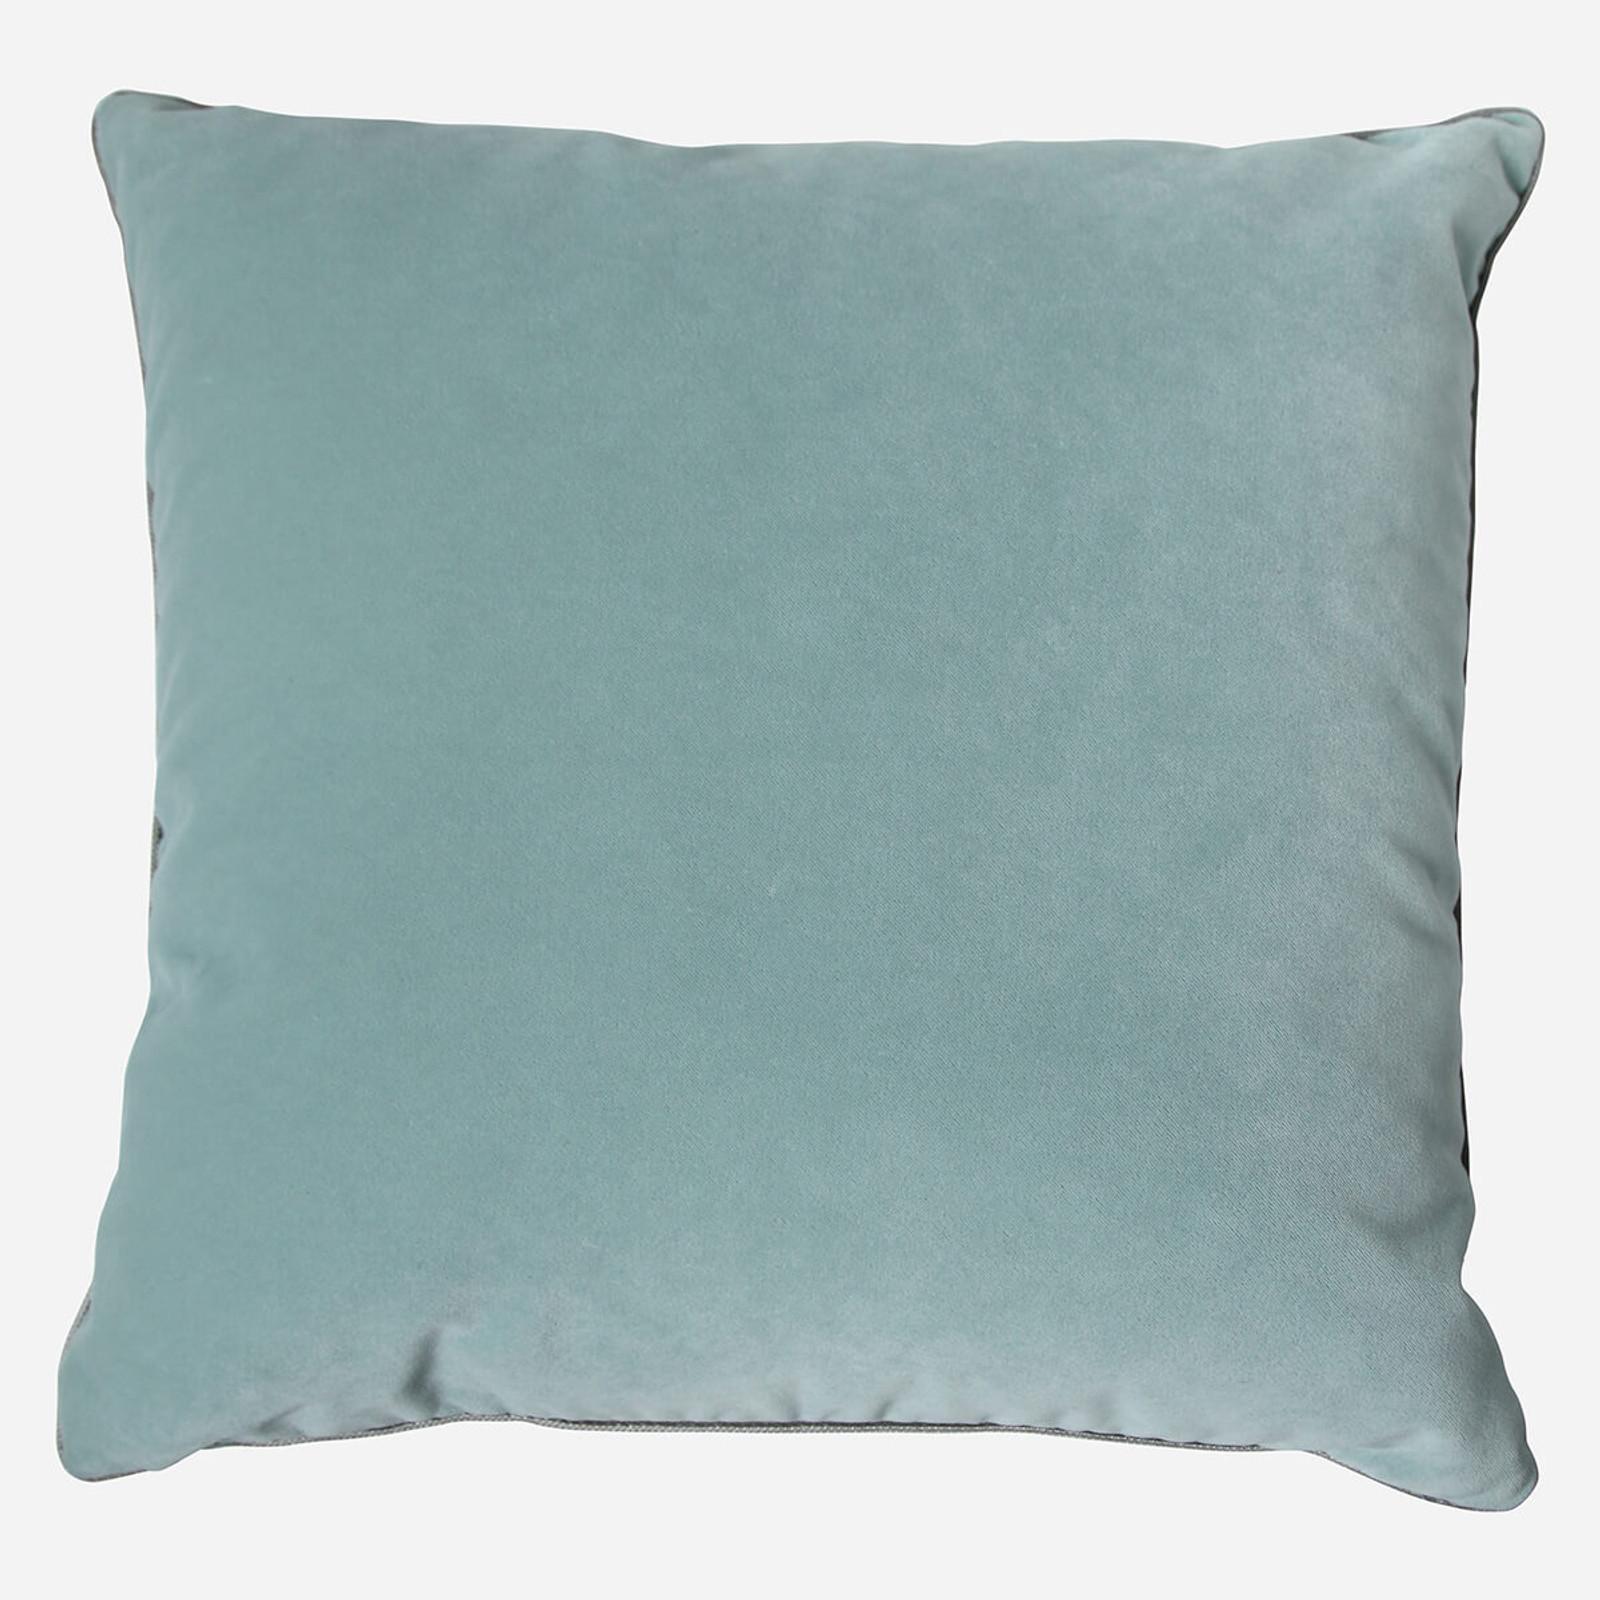 Spa Velvet 22 x 22 w/ Cord Pillow